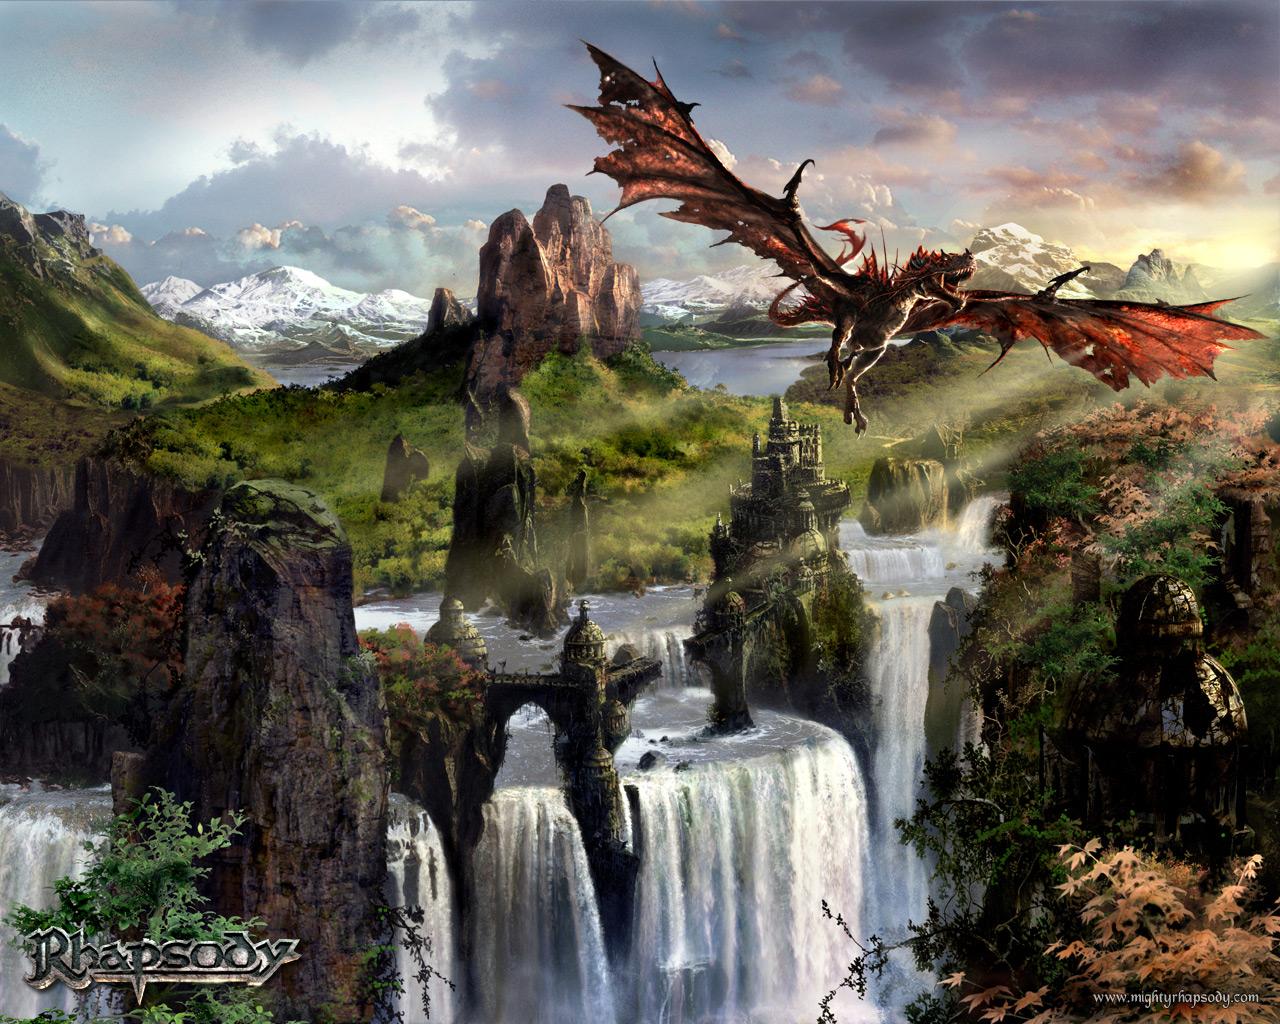 http://3.bp.blogspot.com/-hjlQOnF0U1o/Tp47h5Xae5I/AAAAAAAAA_A/D_df3ju9kuQ/s1600/wallpaper-fantasy-dragon-1.jpeg